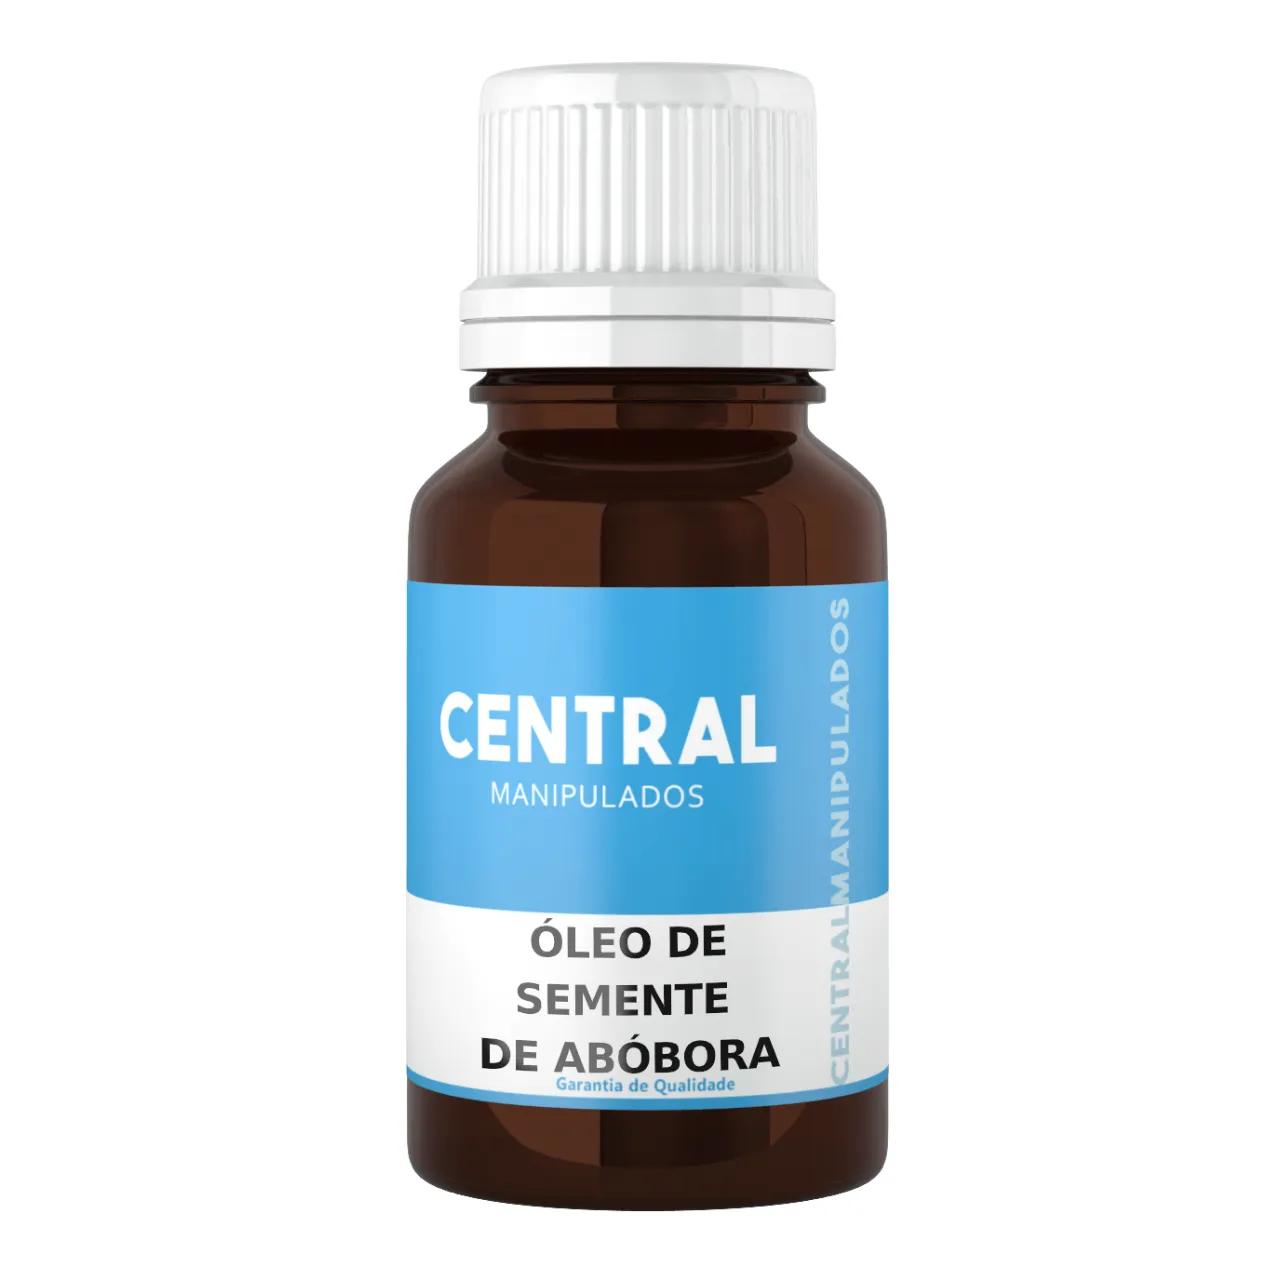 Óleo de Semente de Abóbora - 30ml - Auxilia e previne a queda de cabelo, hidratar e nutir a pele, detoxificação natural do organismo, antiinflamatório natural